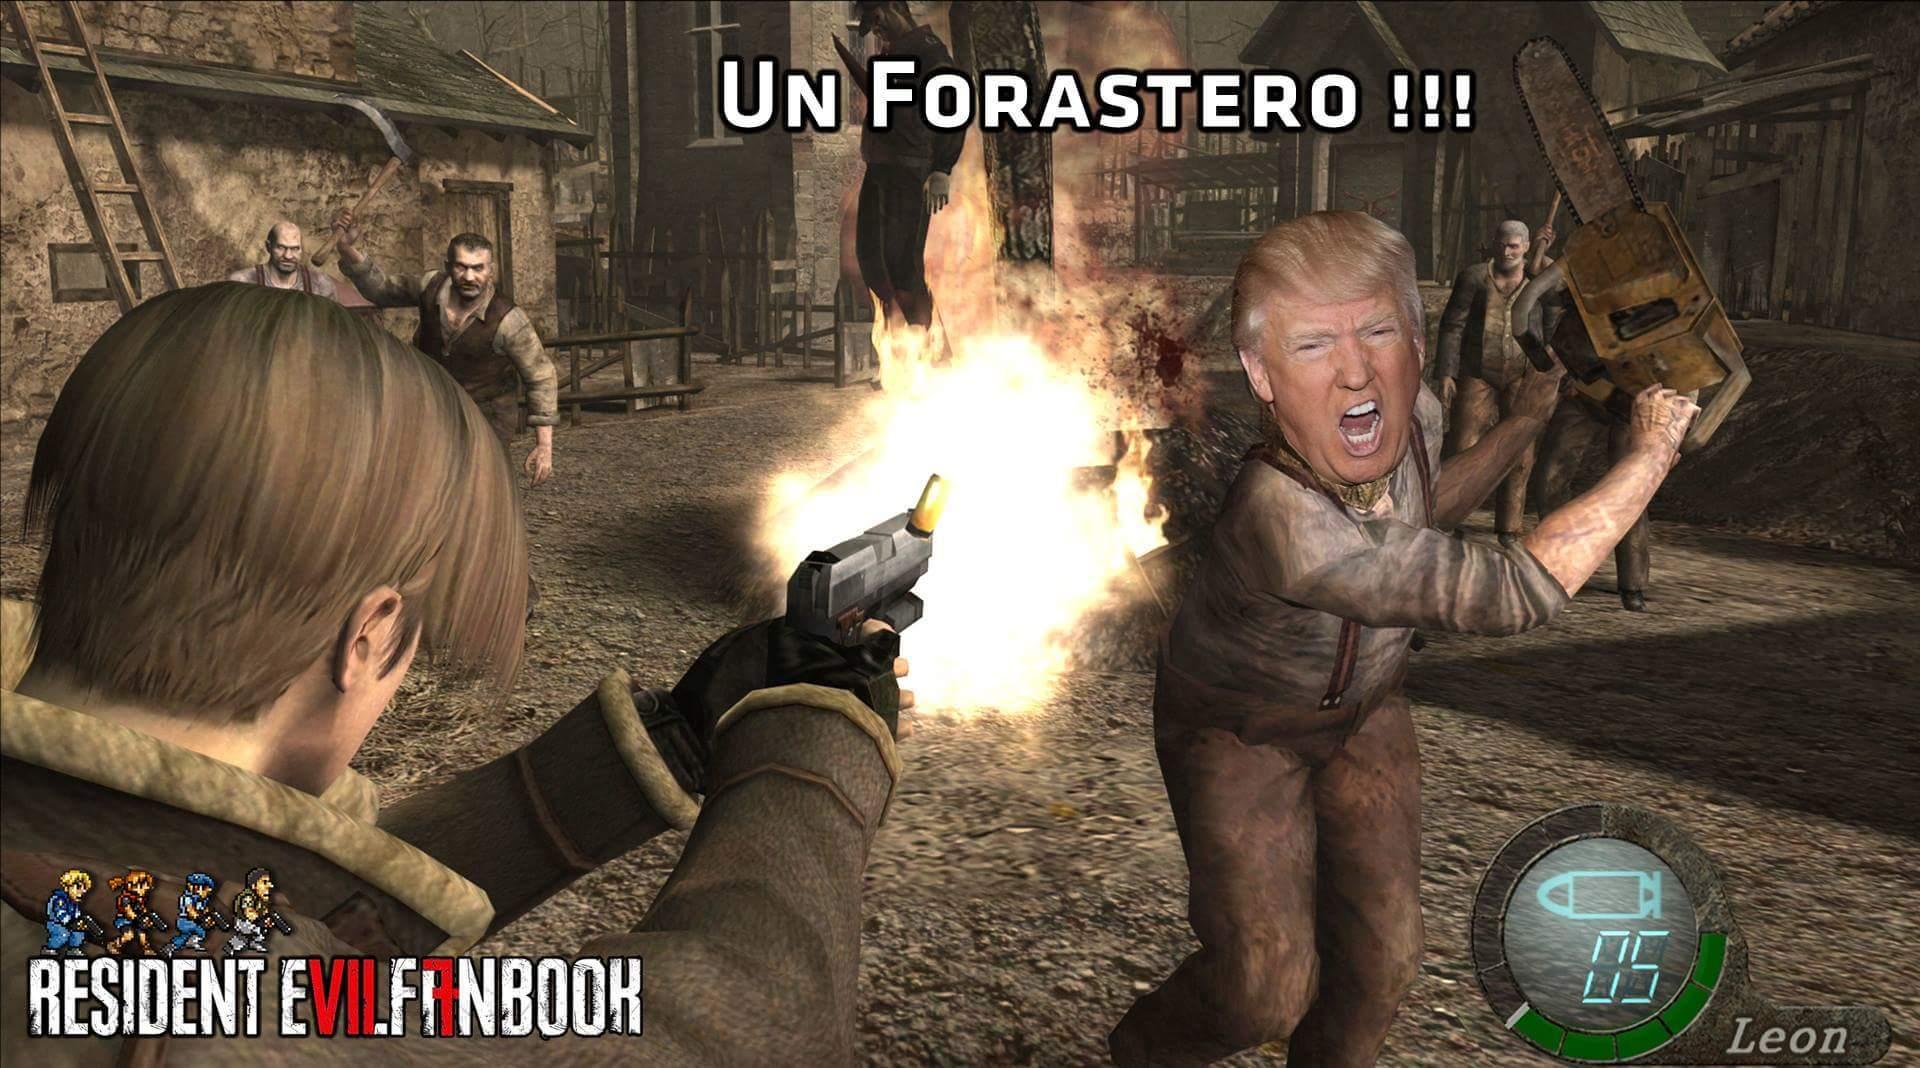 Detras del muro imbecil - meme